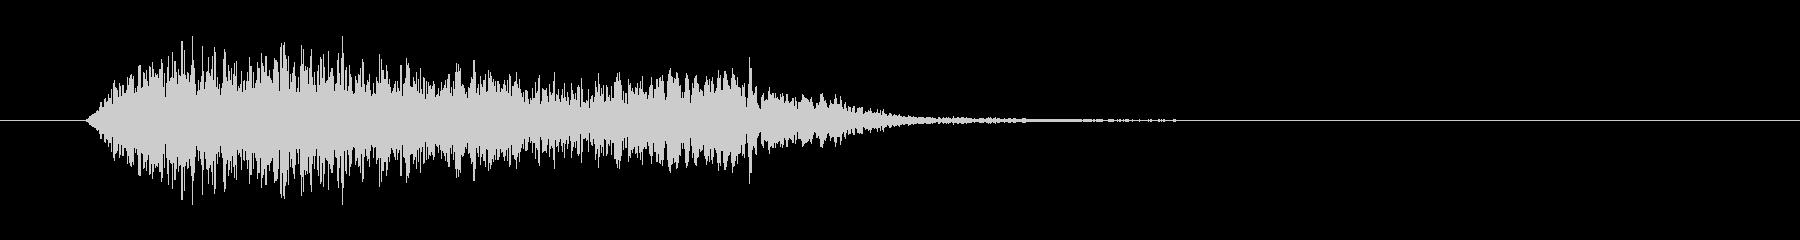 キョエー(モンスターの鳴き声)の未再生の波形